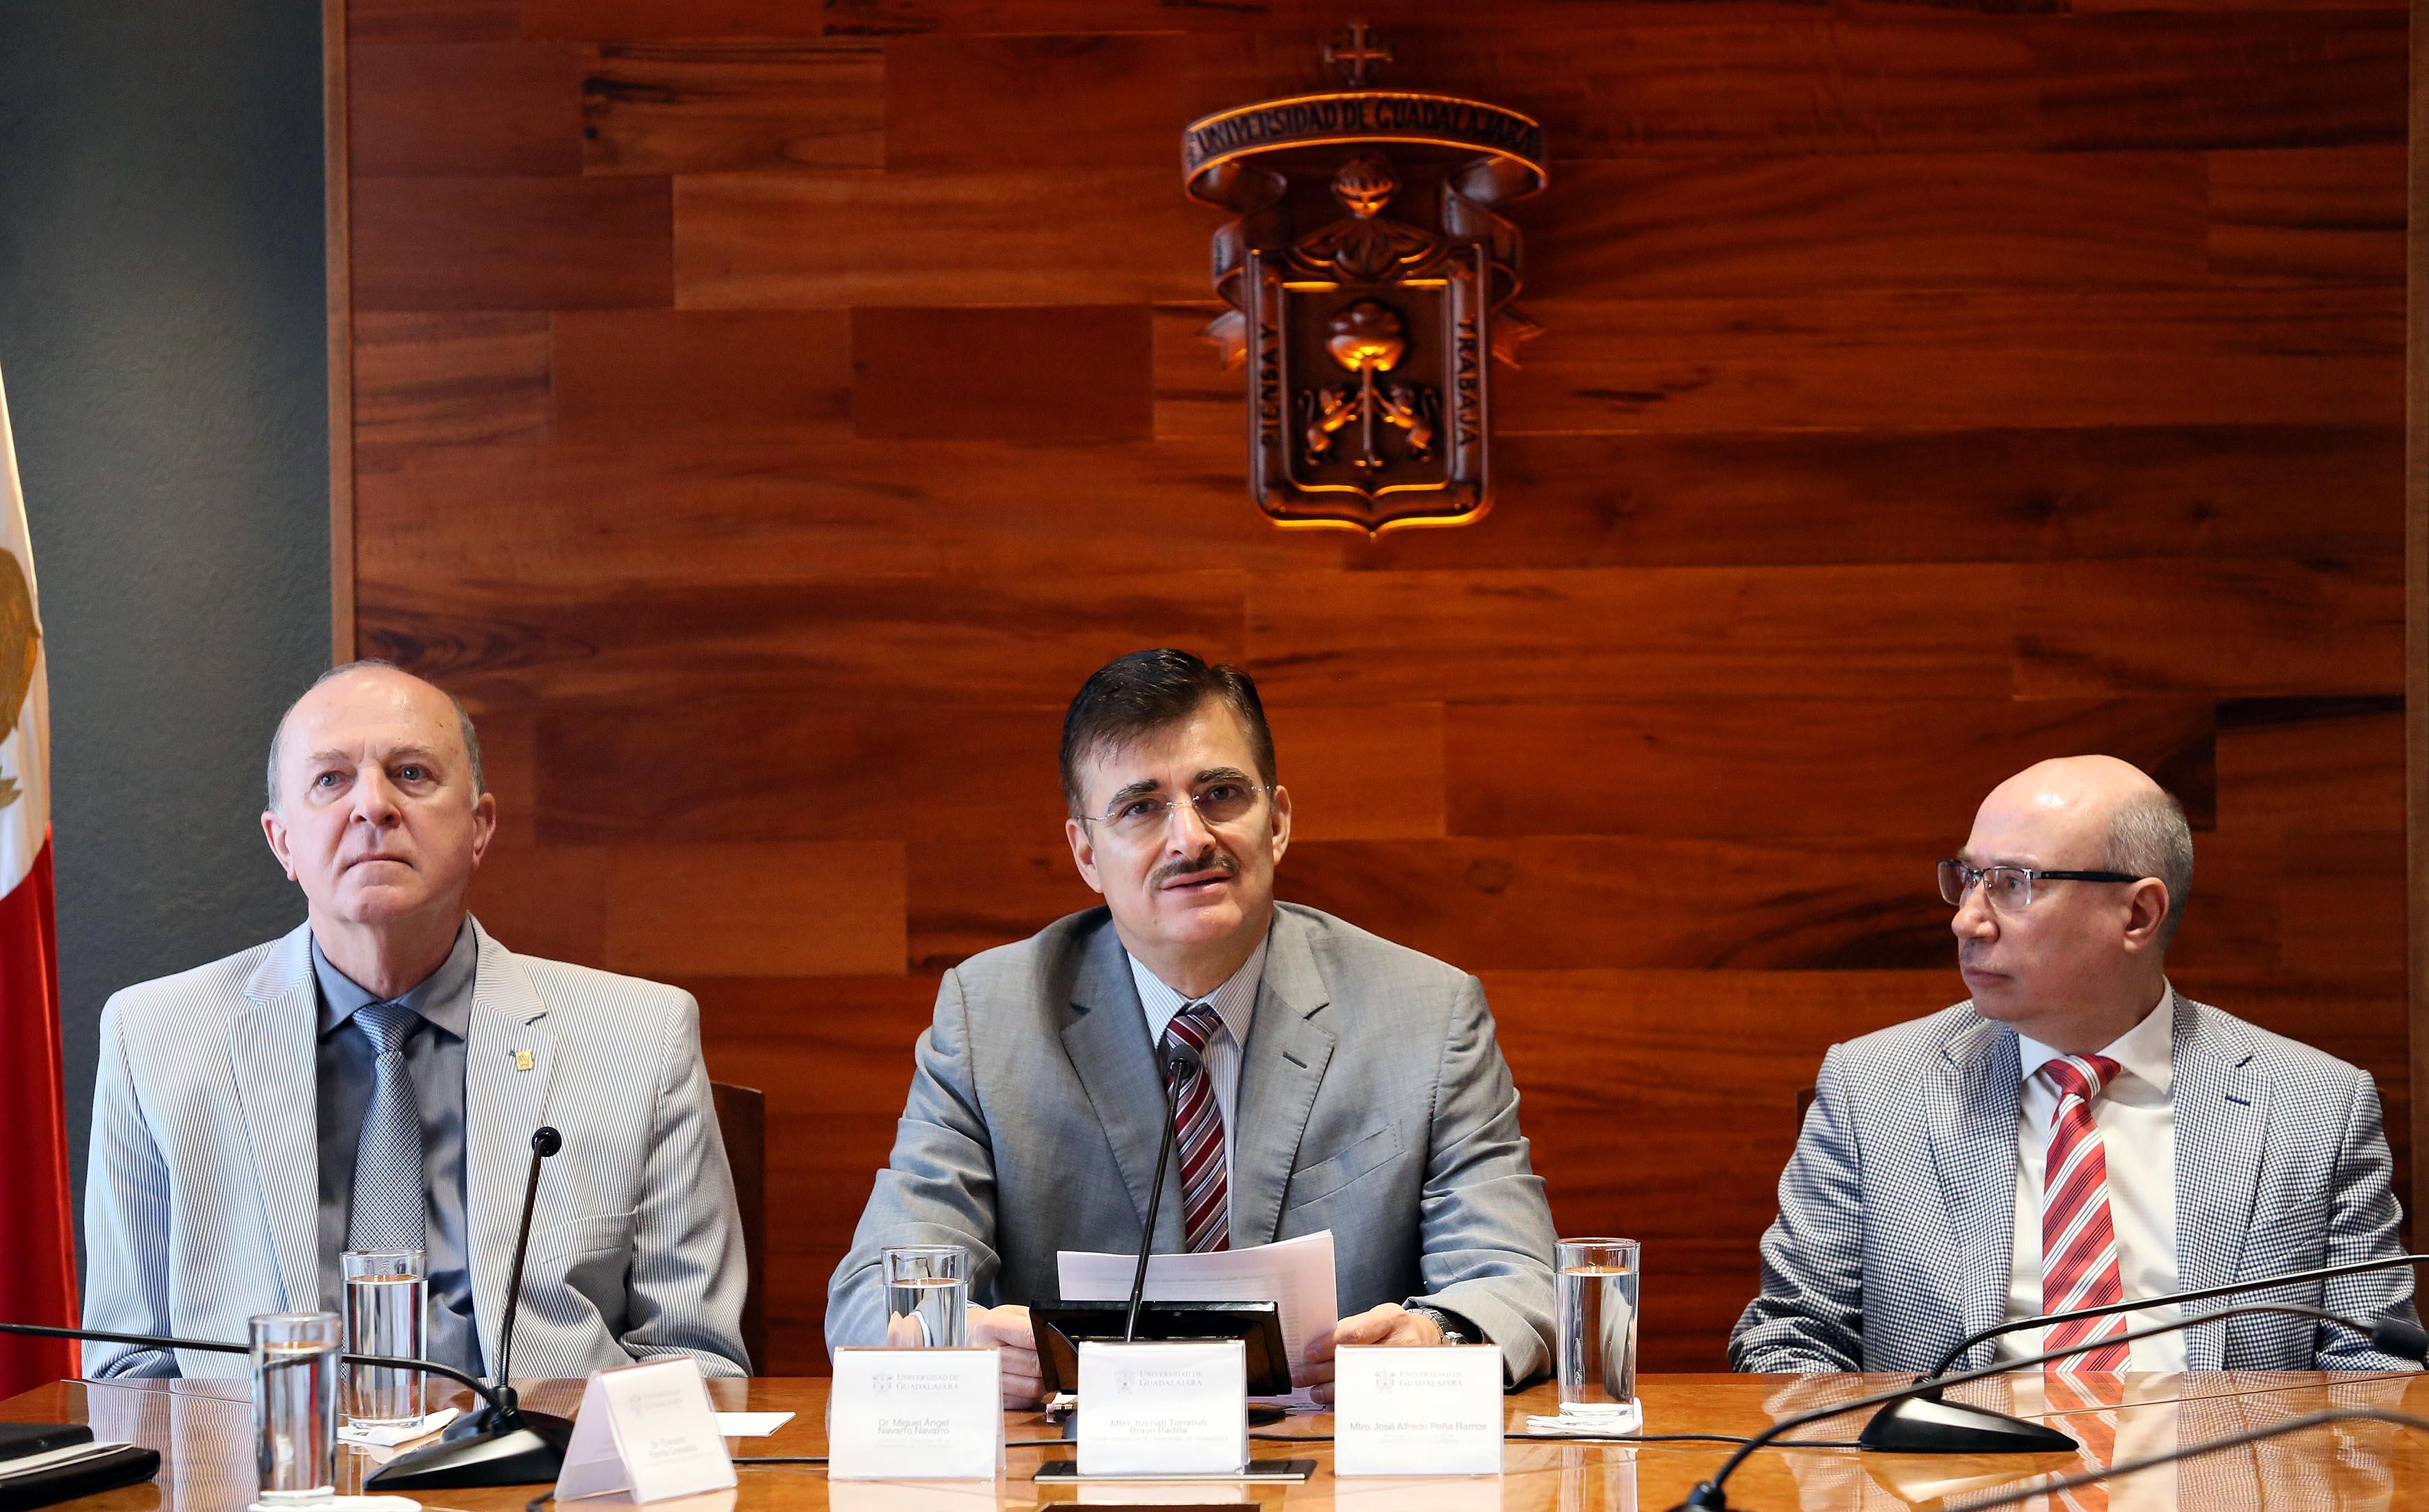 Rector General de la Universidad de Guadalajara, maestro Itzcóatl Tonatiuh Bravo Padilla haicendo uso de la palabra